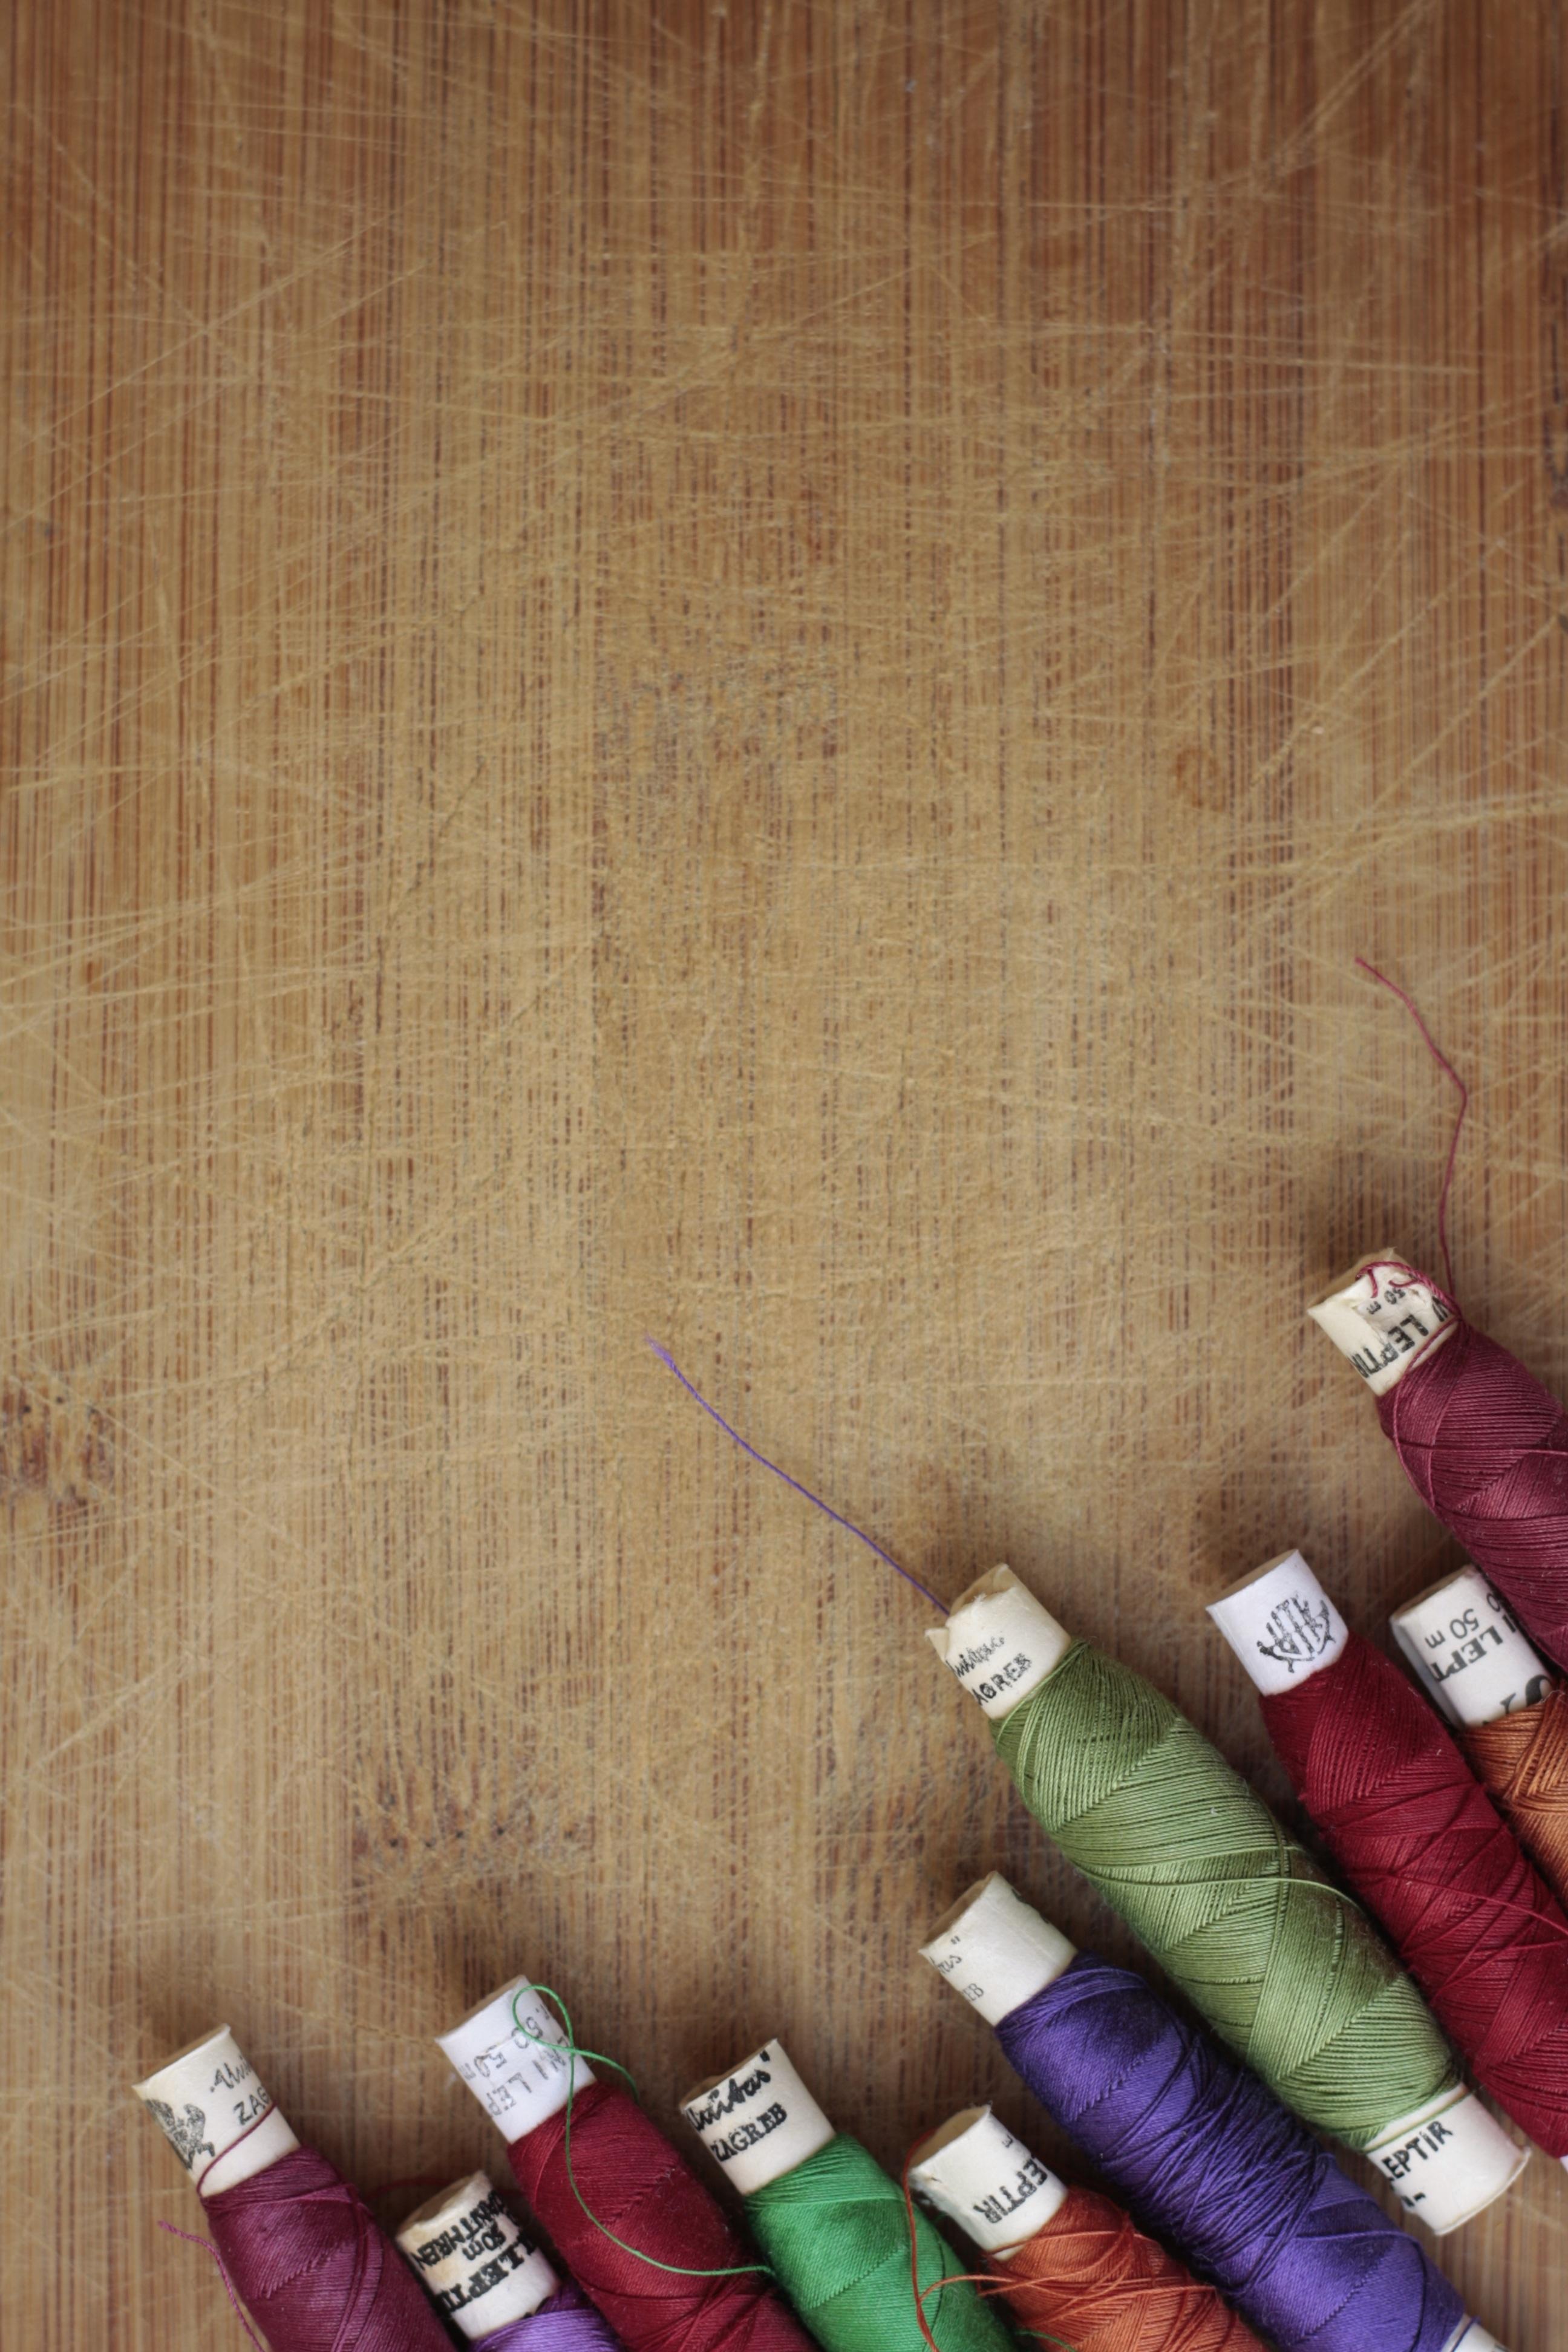 Fotos gratis : aguja, cuerda, patrón, verde, rojo, color, ropa ...